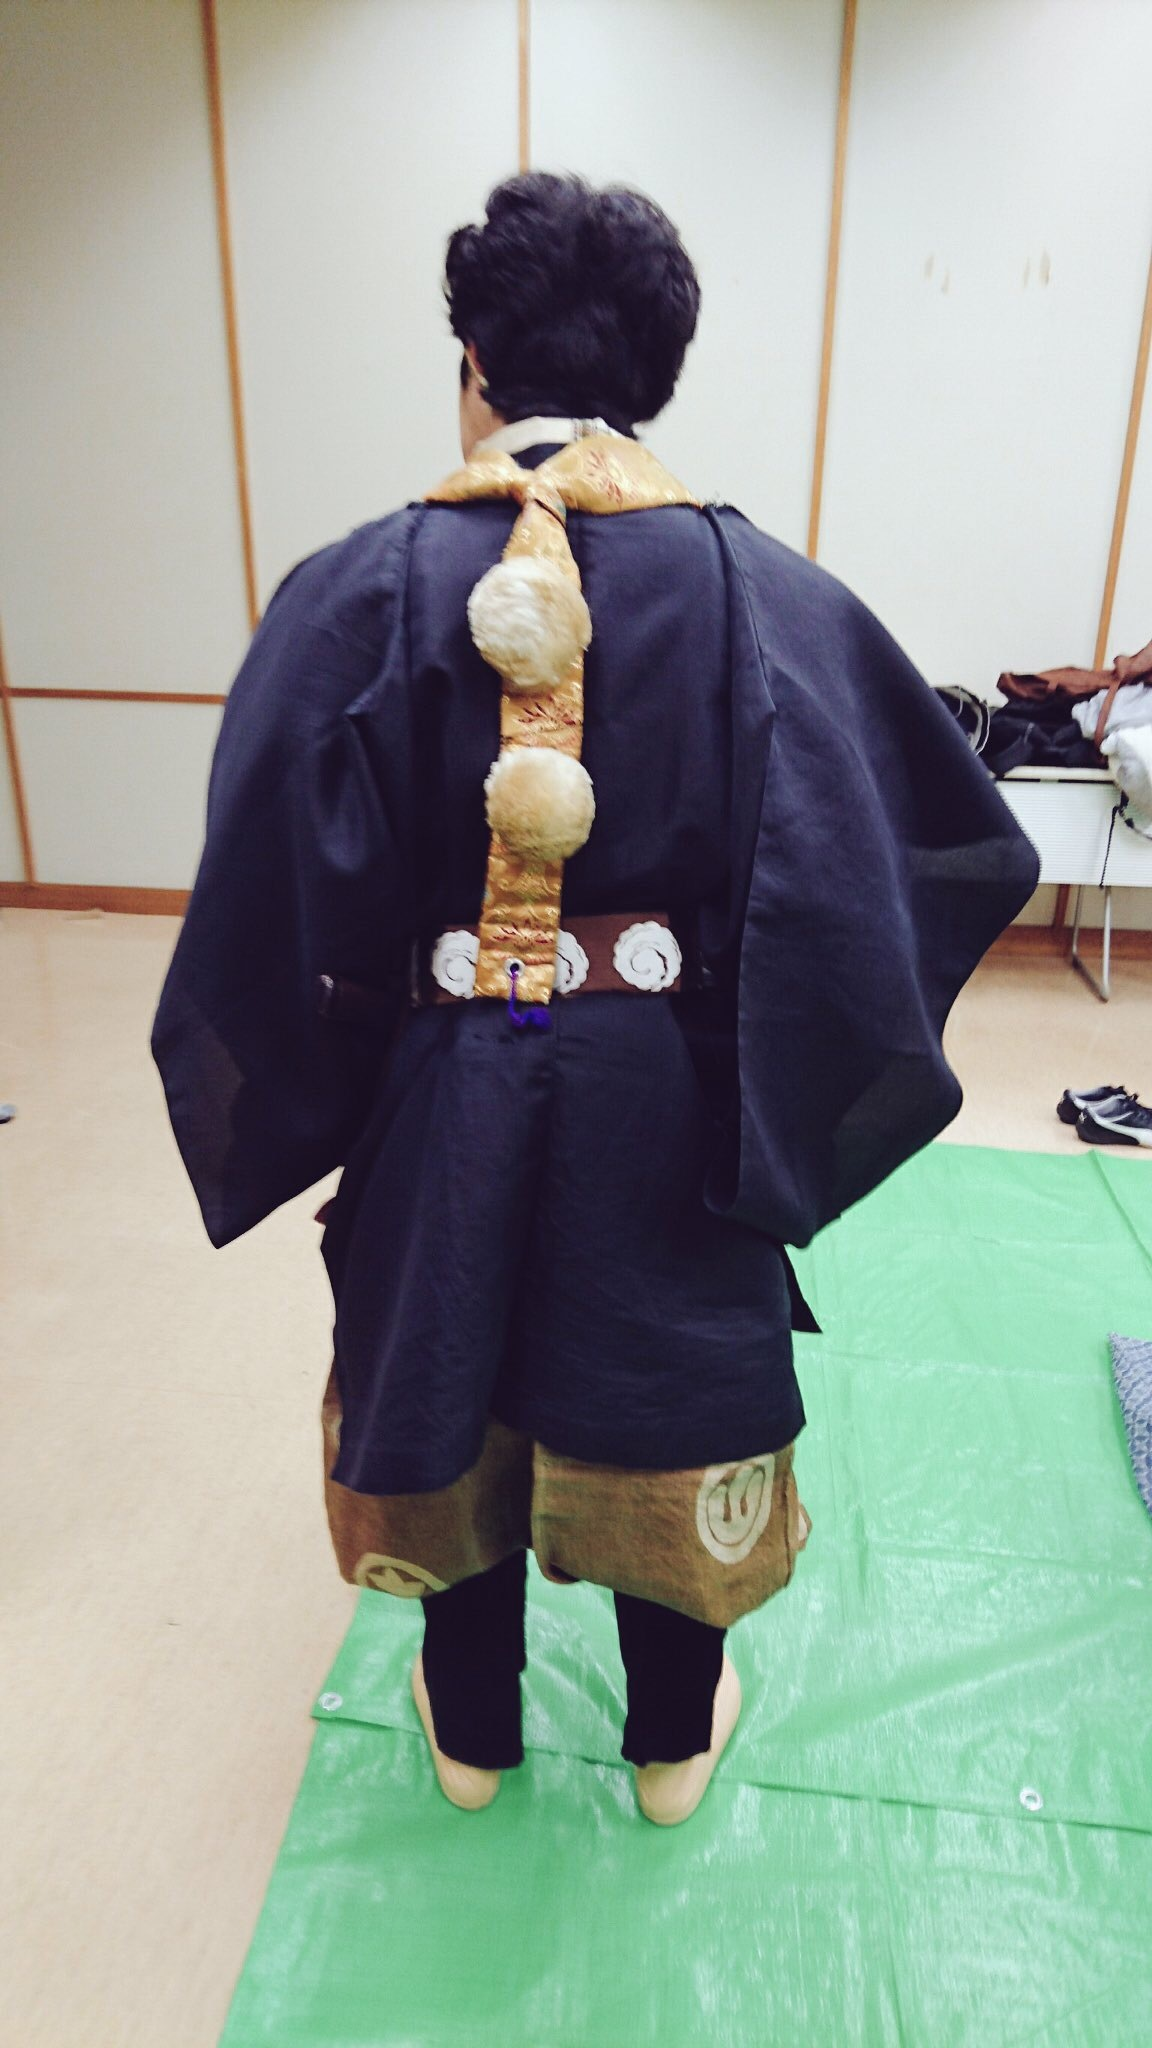 成城大学自演会ありがとうございました_c0064941_17103342.jpg